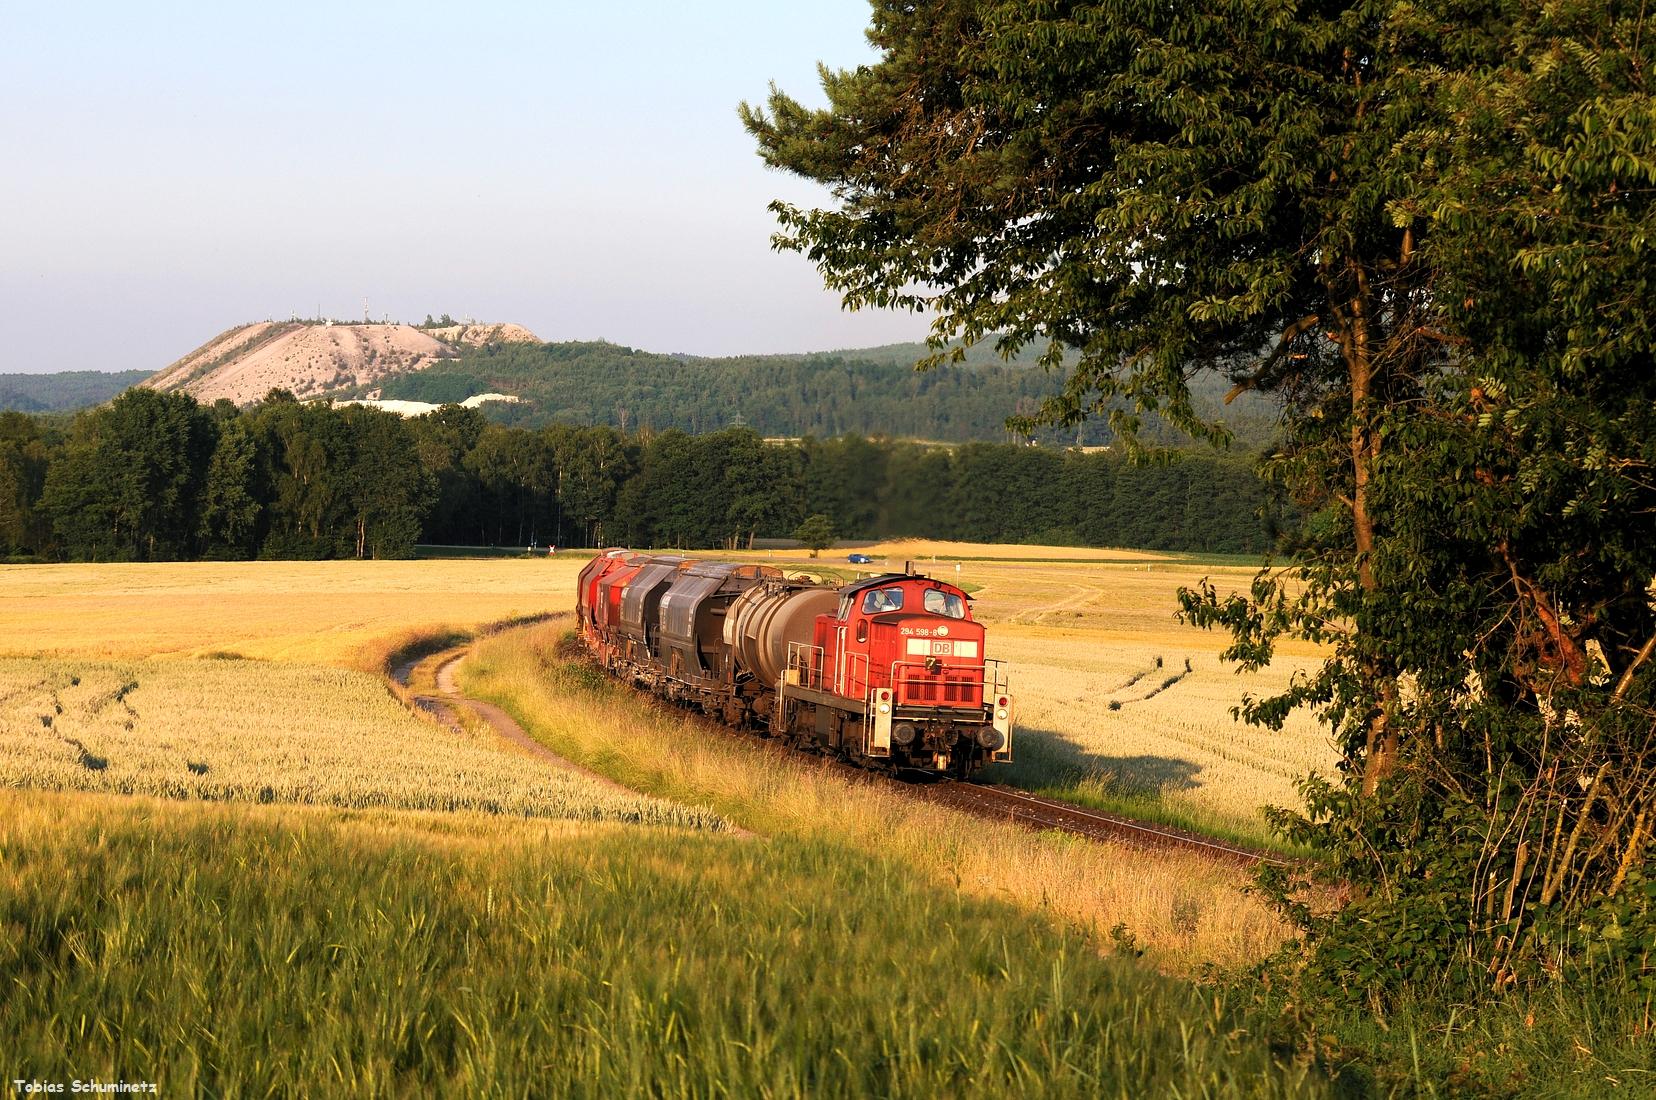 Der Zug war schön lang und fuhr daher auch langsam die Steigung zur Wasserscheide hinauf. So konnten wir eine weitere Kameraeinstellung machen.